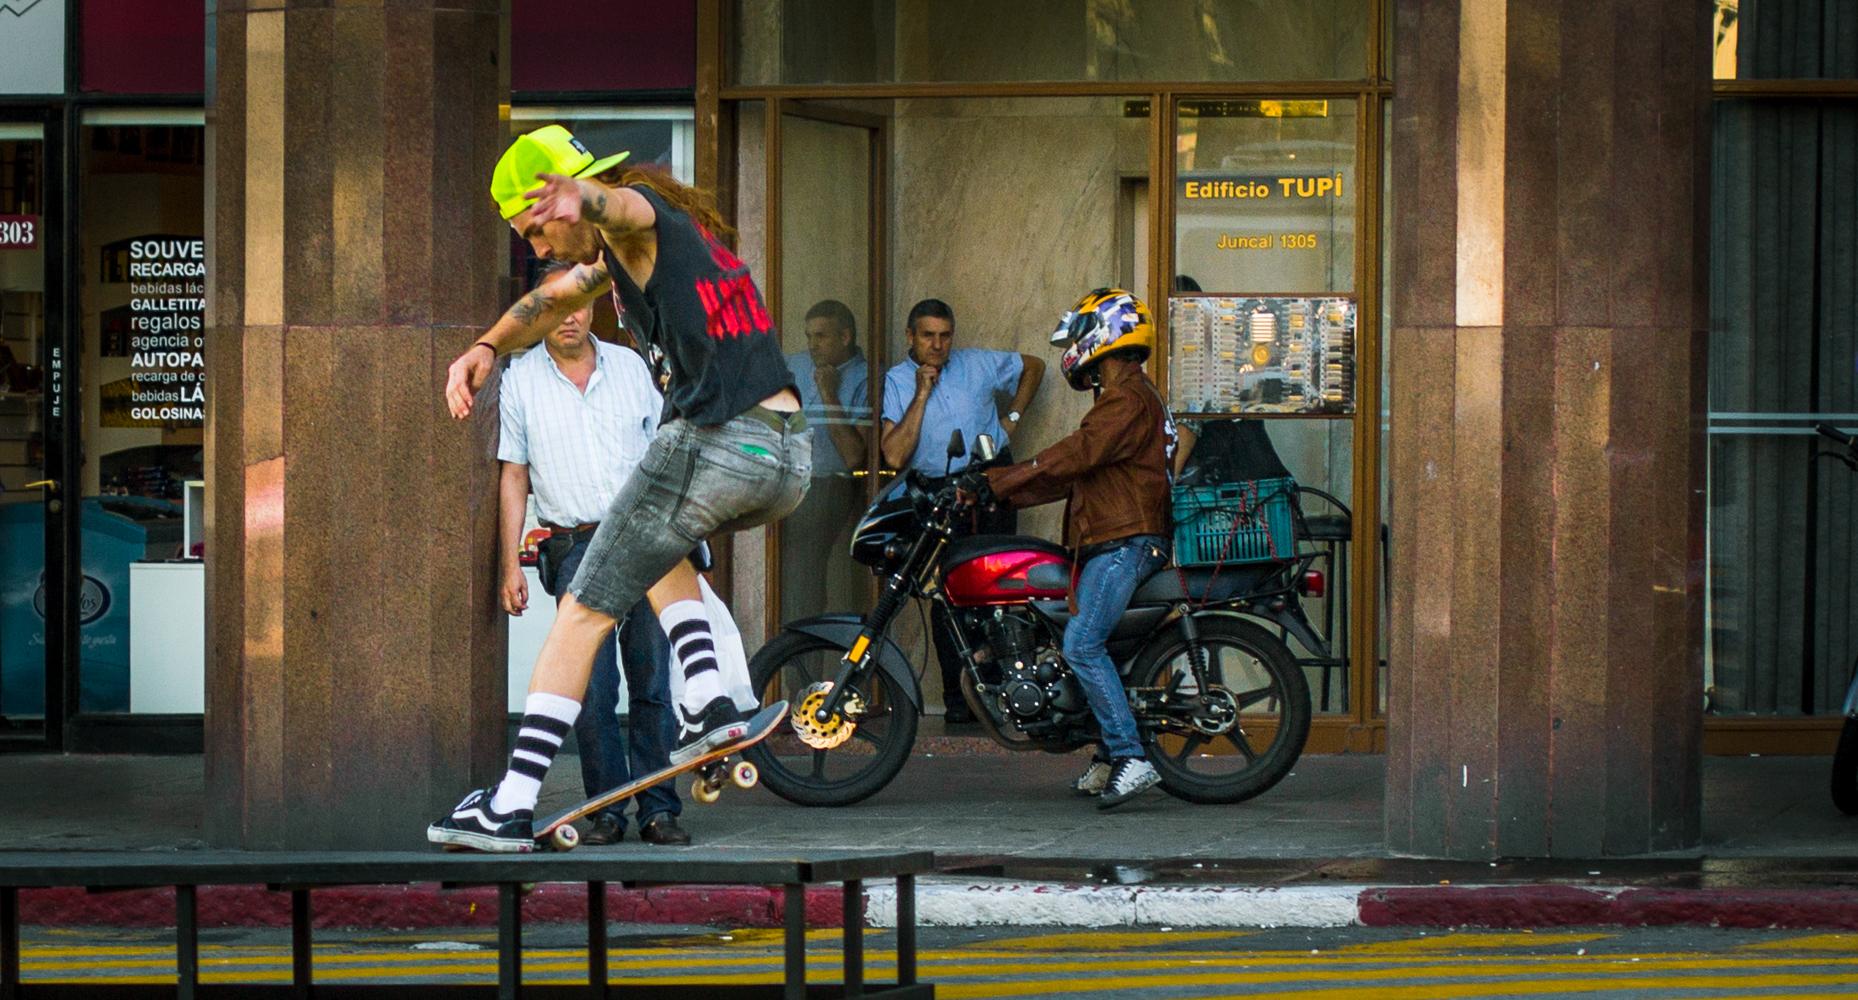 skater in uruguay-3463.jpg